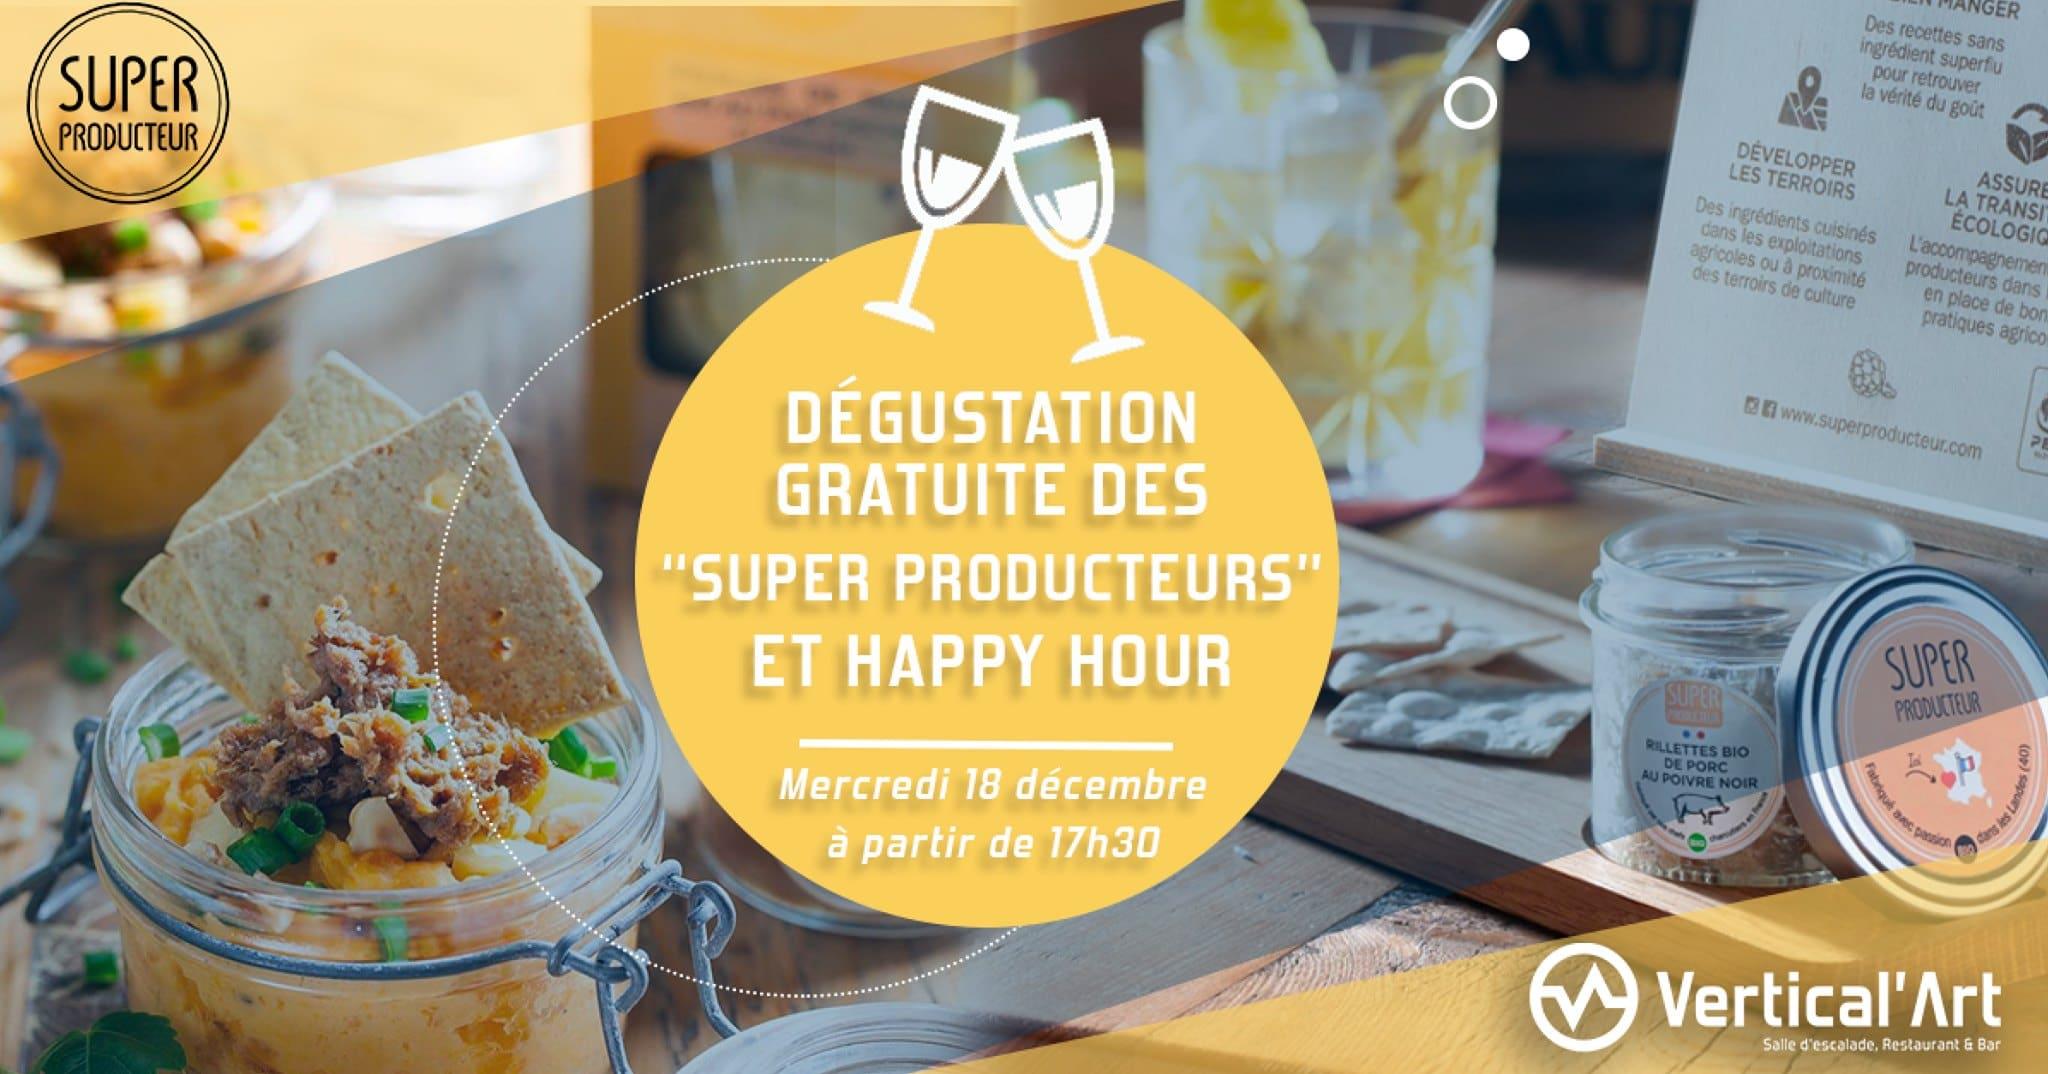 Dégustation gratuite- Superproducteur et Vertical'Art -Manger mieux et plus sain à paris -Paris dégustation -dégustation pré_noël- salle d'escalade de bloc à paris - Vertical'Art pigalle - Miam